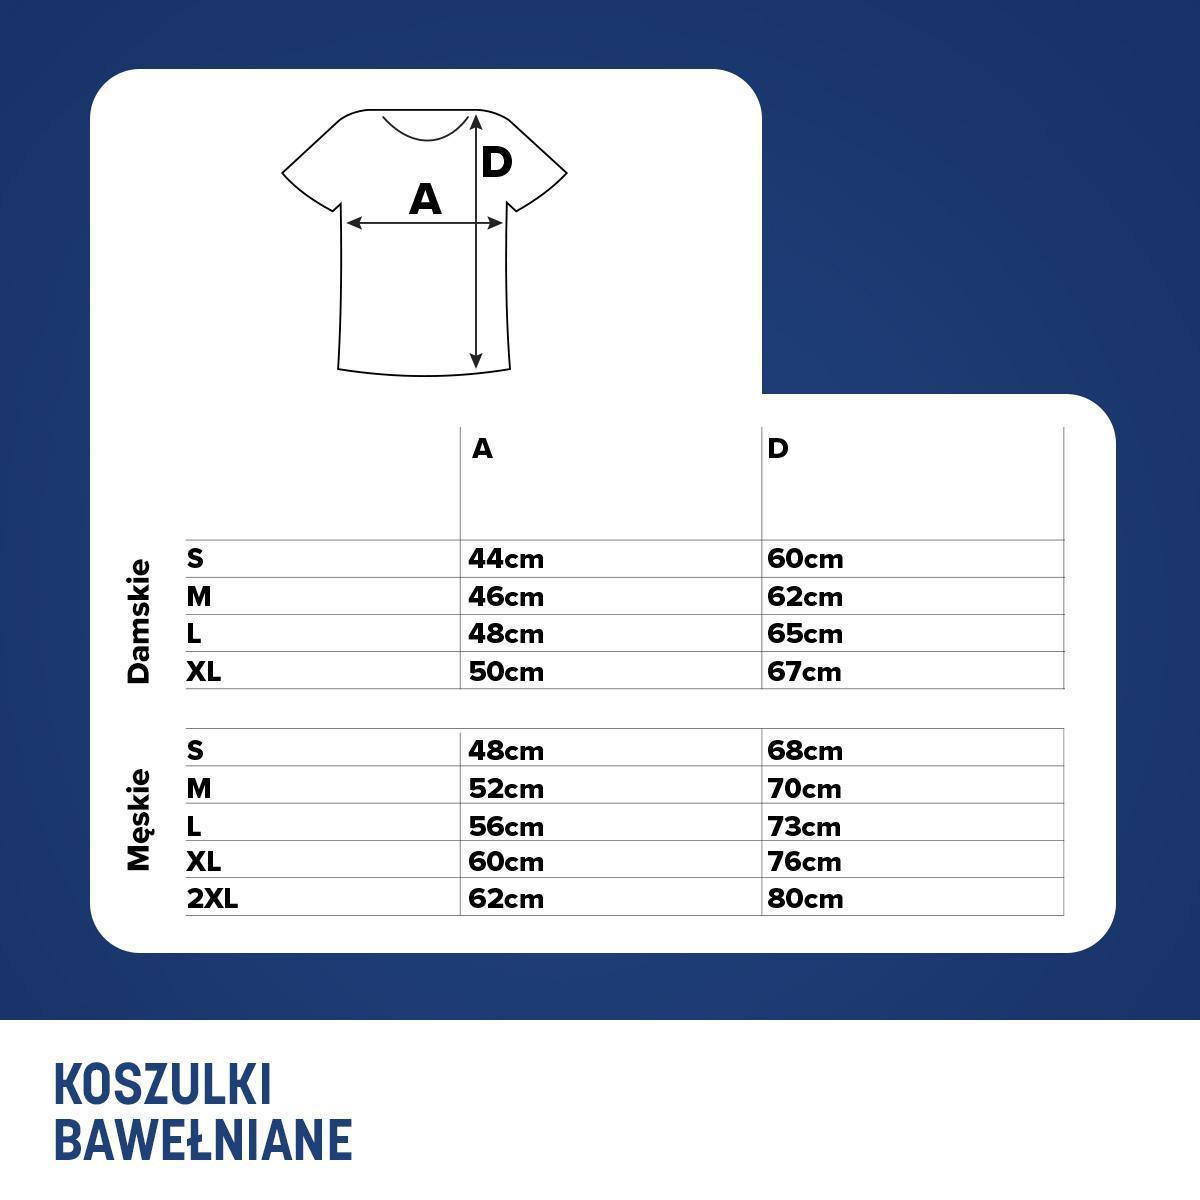 zakupy szczegółowe obrazy dobrze out x Koszulki – tabela rozmiarów | PZU Półmaraton Warszawski